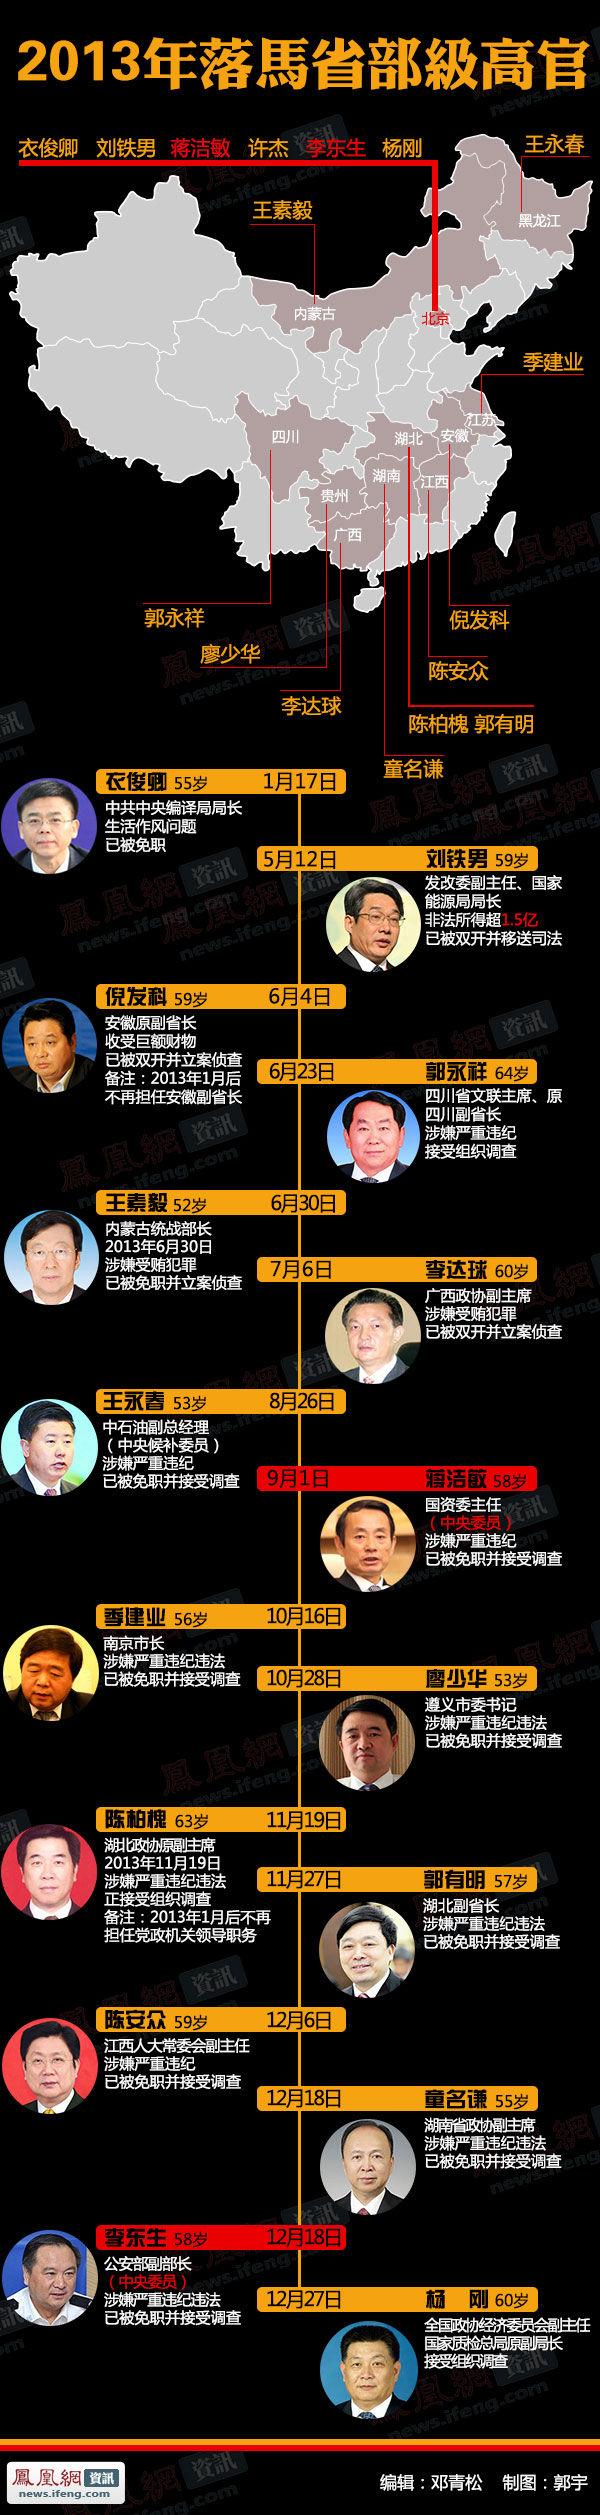 图解16名落马高官 - 雷石梦 - 雷石梦(观新闻)